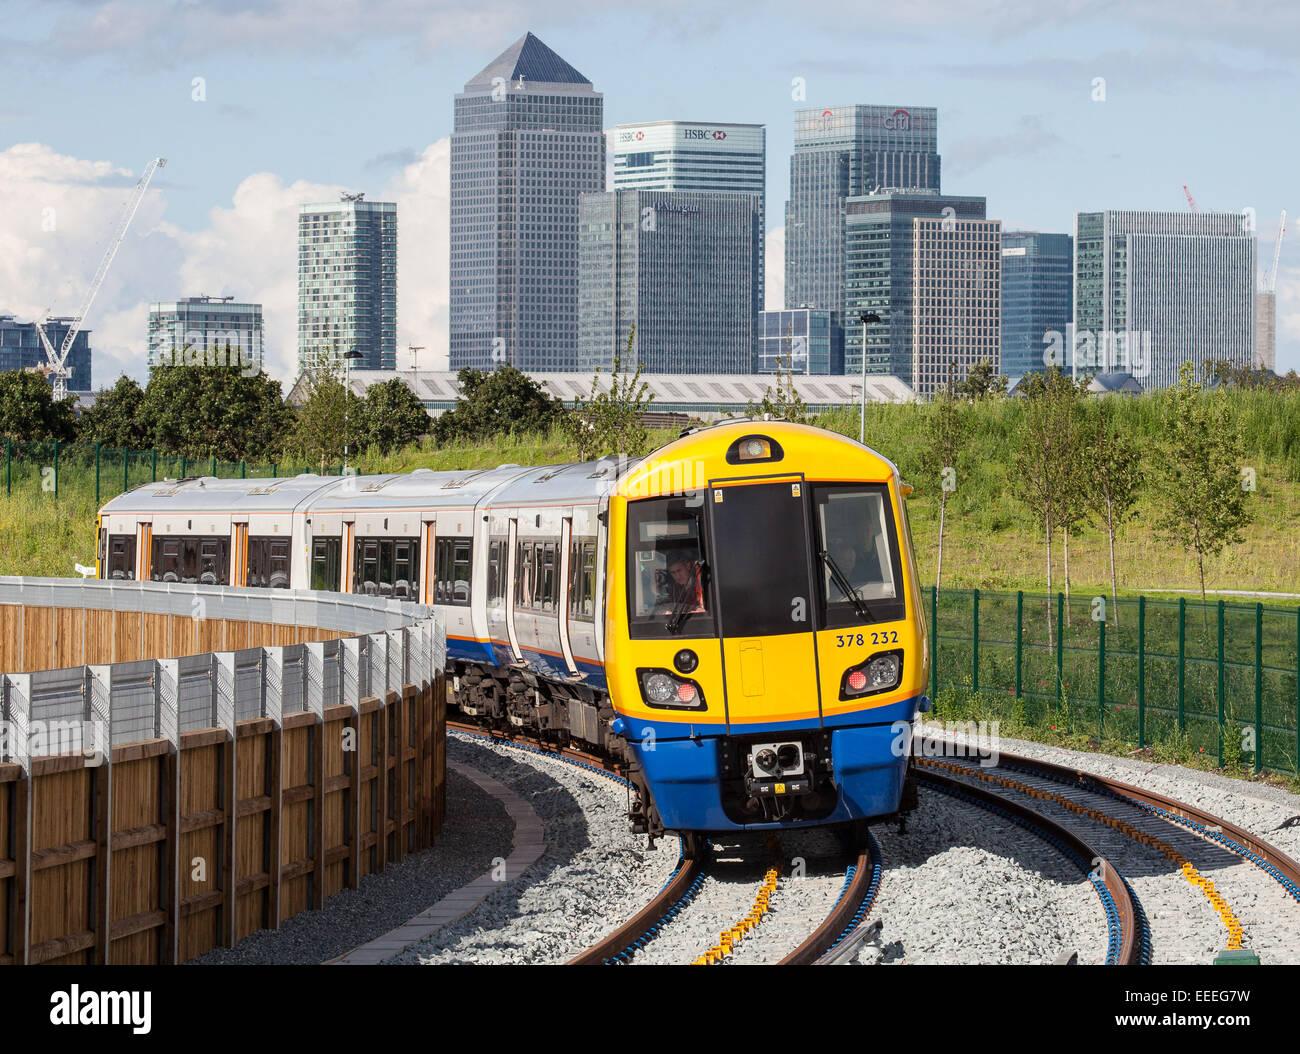 Londres ELLP superficial - Fase 2: La primera prueba sobre la vía de tren Imagen De Stock